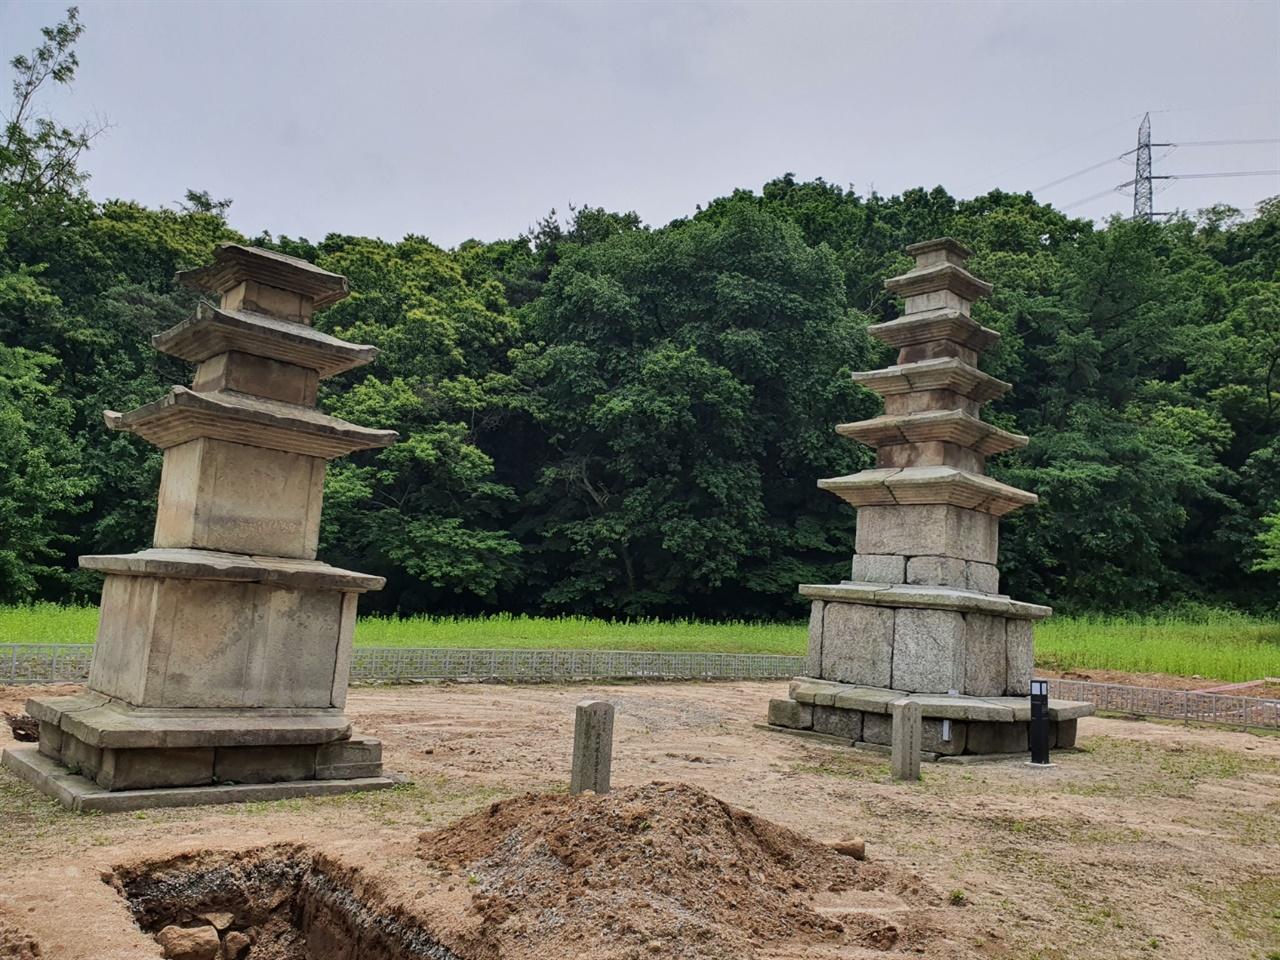 하남의 동사지 삼층, 오층석탑 하남에는 고려시대 무척 번성했던 동사의 터가 남아있다. 각기 다른 양식의 석탑은 그 당시 하남의 번영했던 과거를 떠올리게 한다.